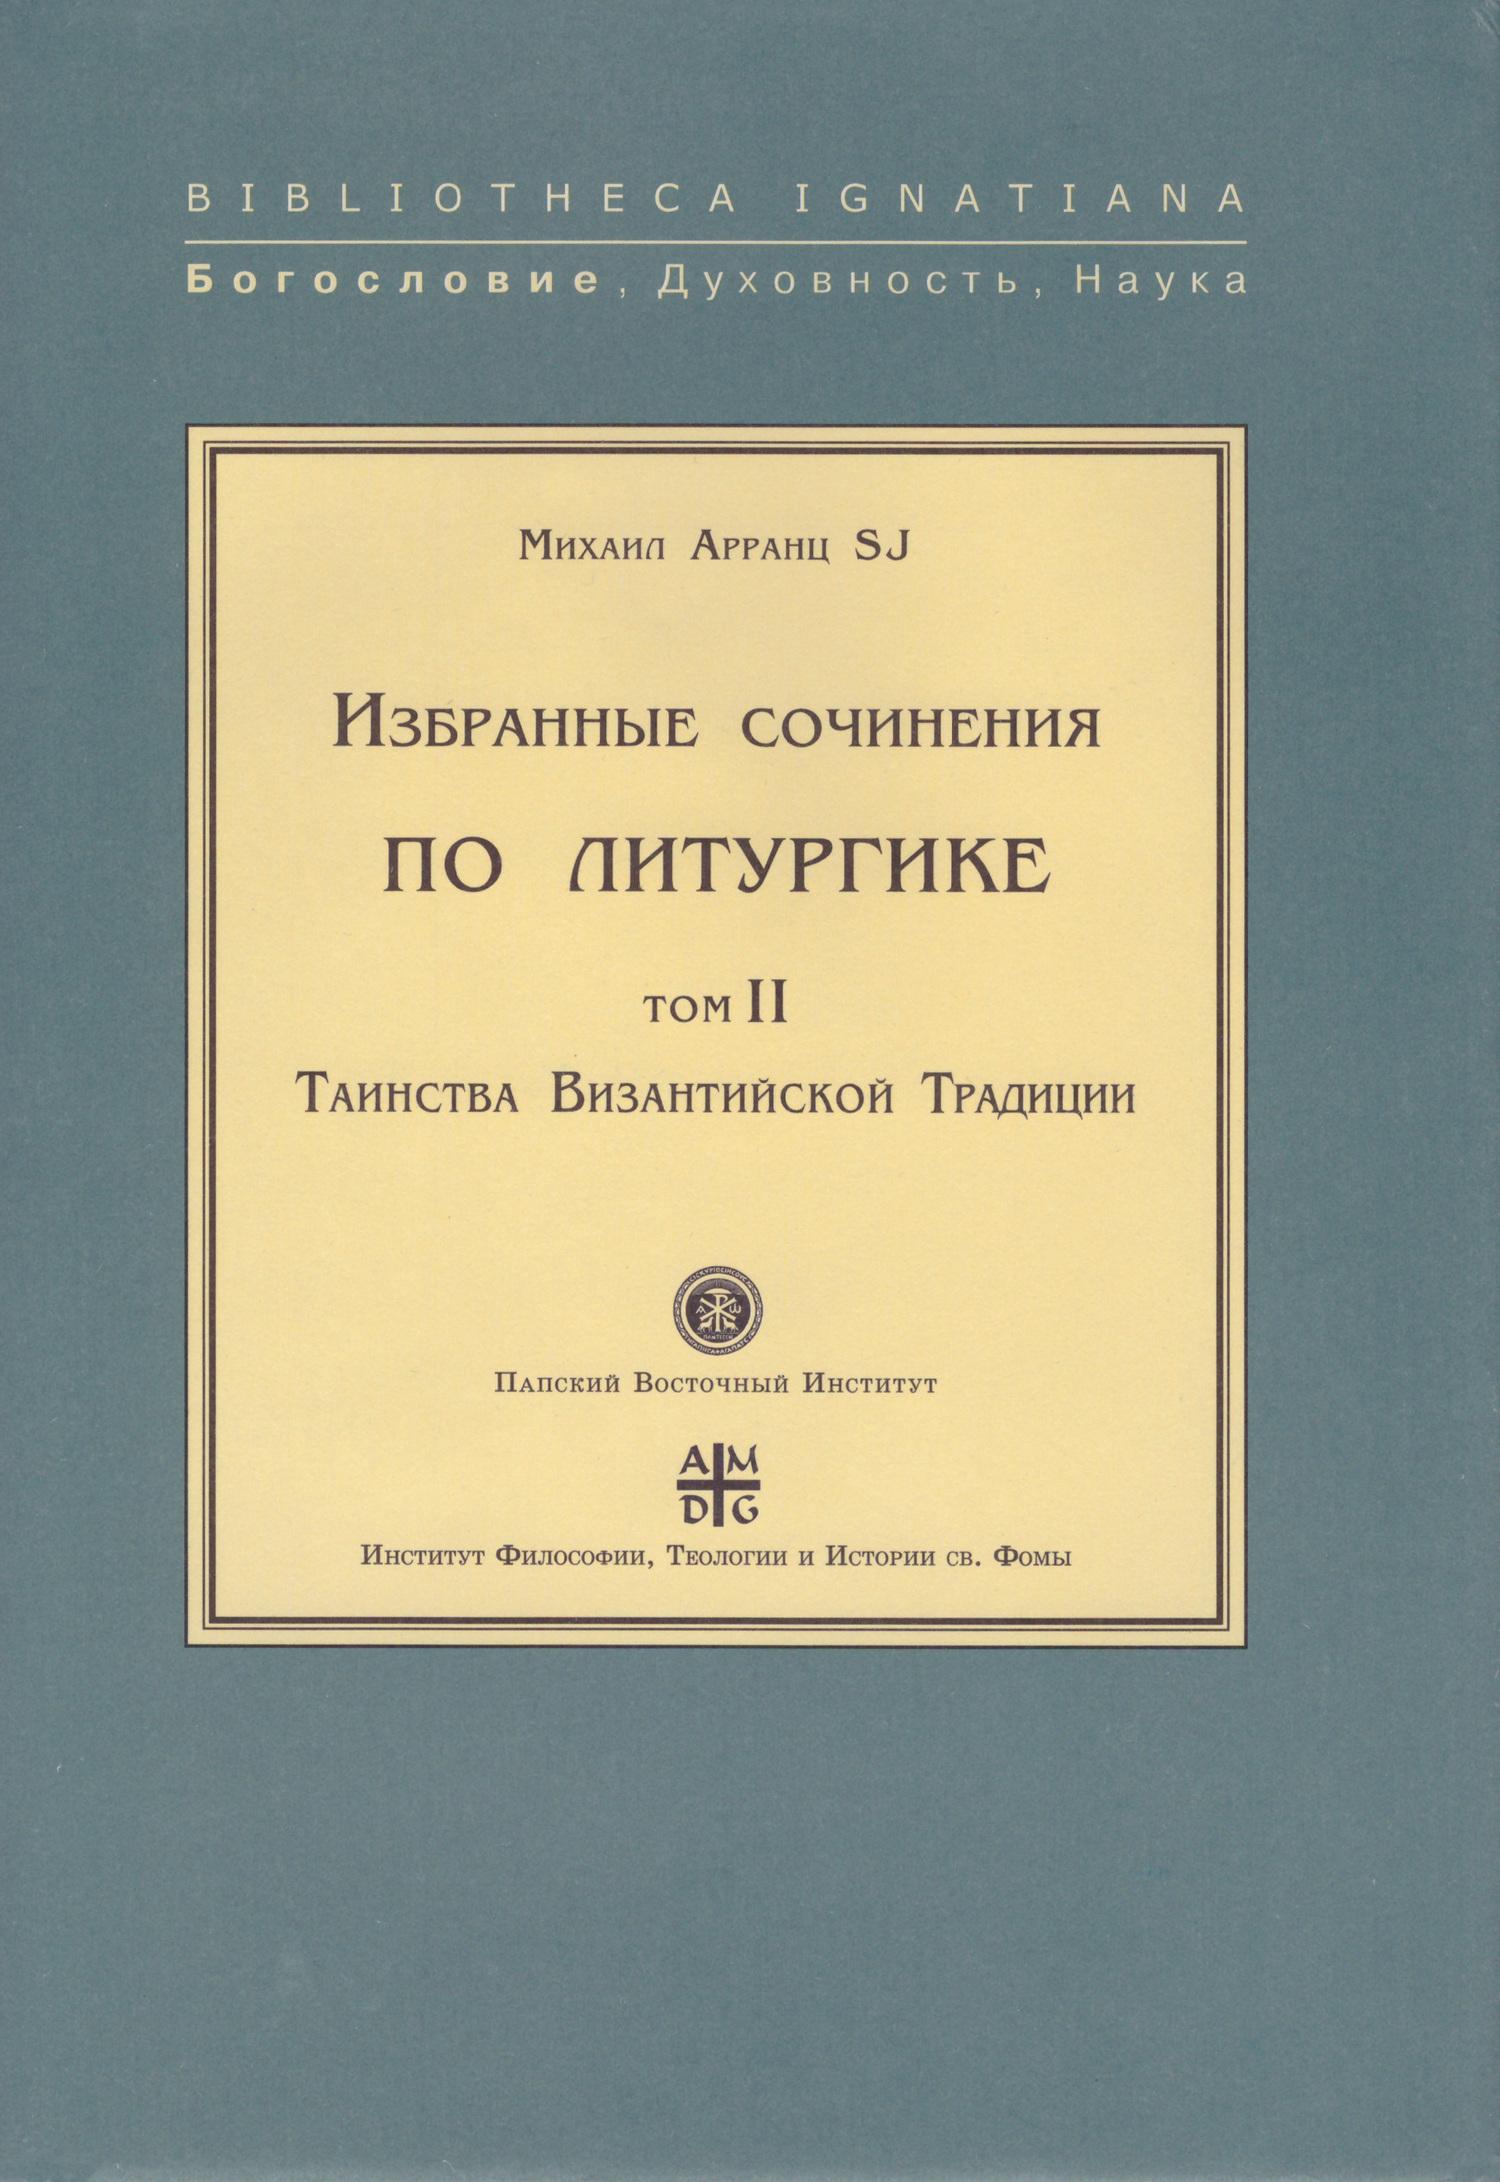 Михаил Арранц, SJ Избранные сочинения по литургике. Том II. Таинства Византийской Традиции